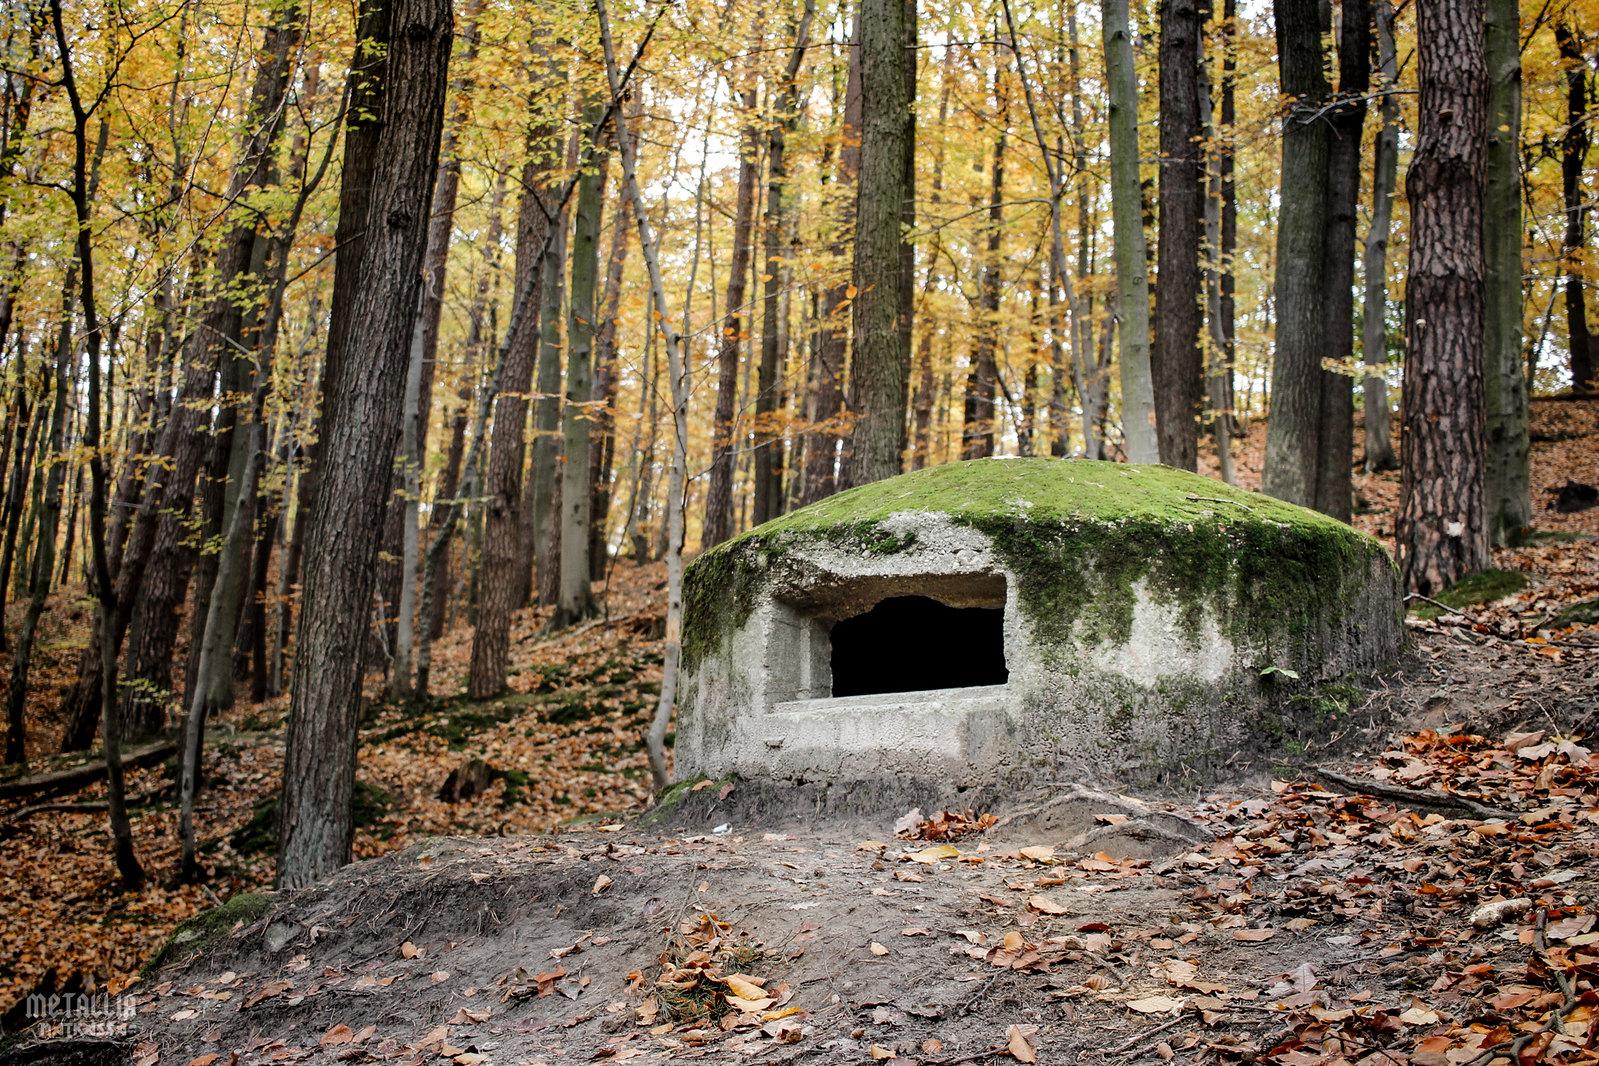 gdynia, redłowo, rezerwat przyrody kępa redłowska, kępa redłowska nature reserve, tricity sightseeing, gdynia sightseeing